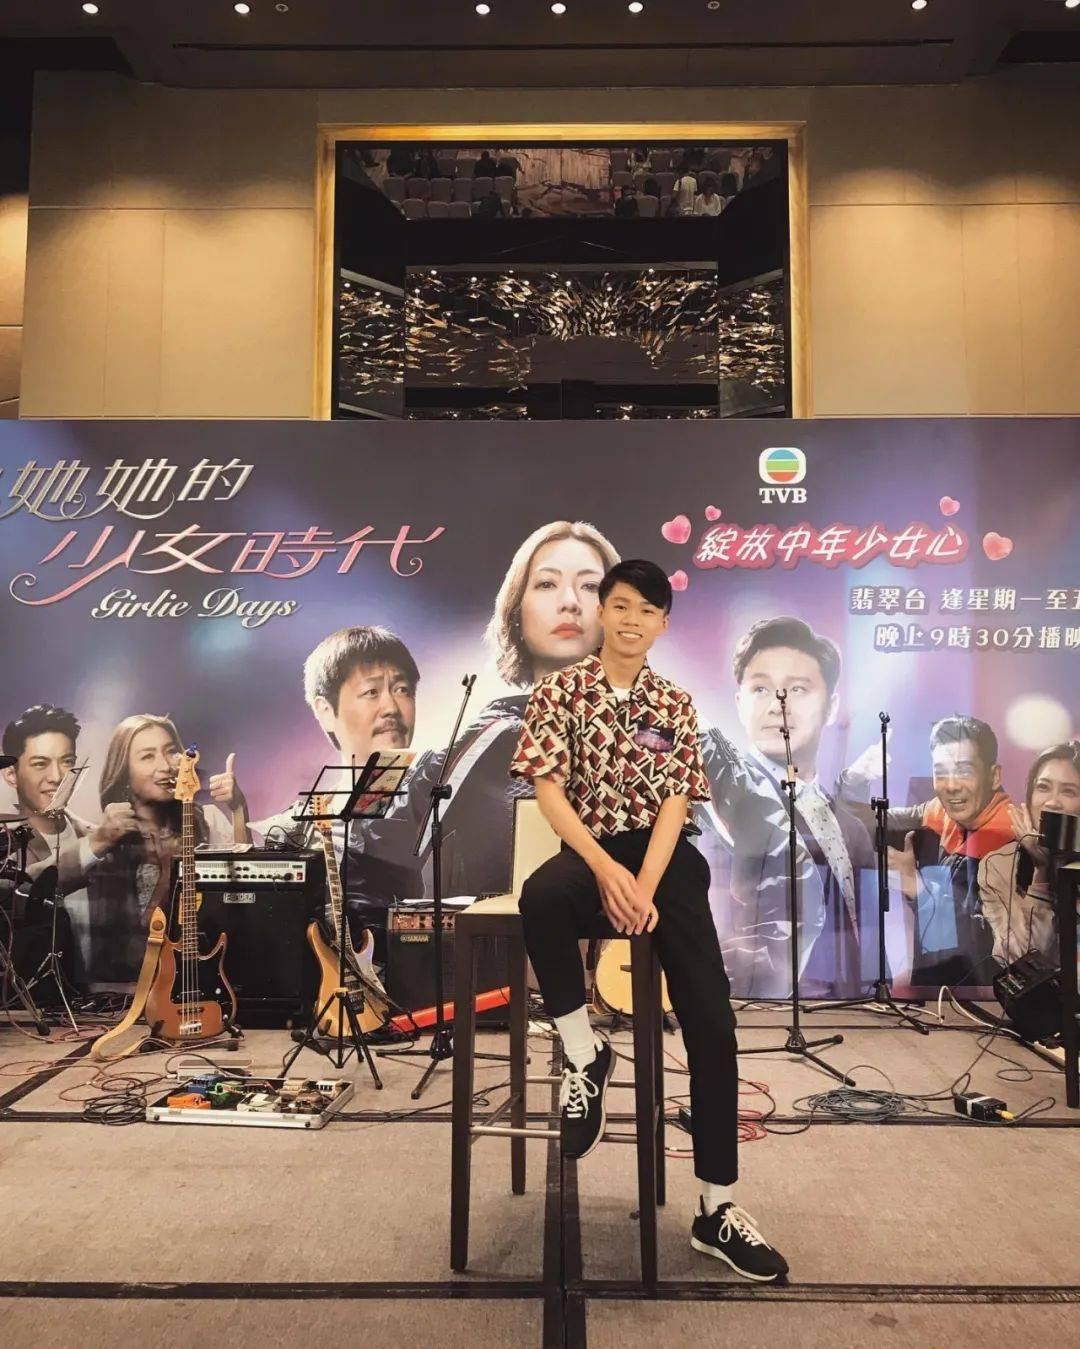 不舍!前TVB知名童星大学毕业,结束20年演艺生涯,移居日本工作生活  第11张